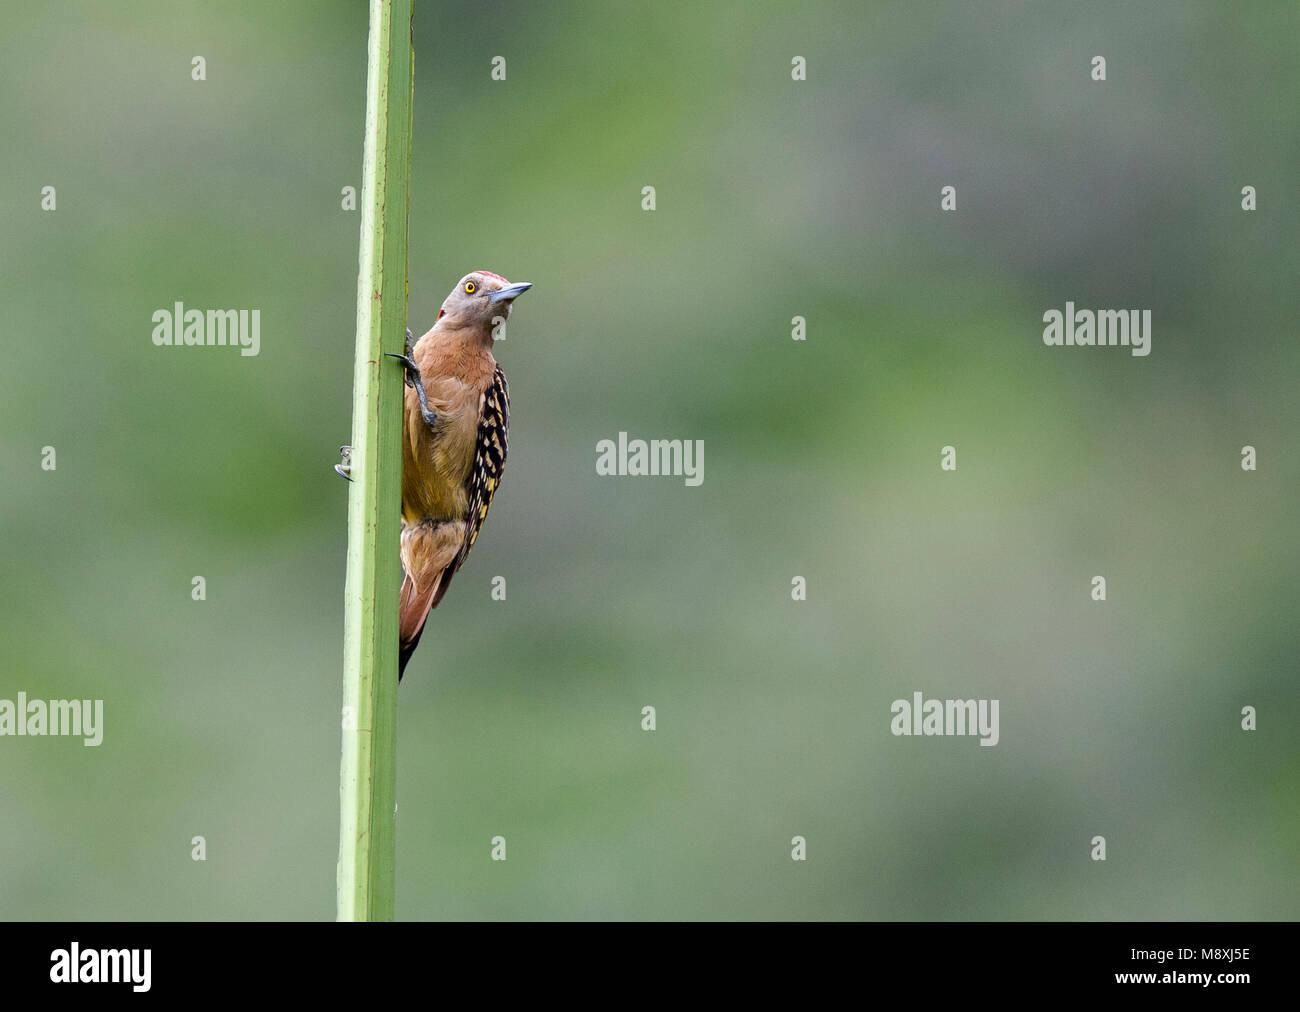 Hispaniolaspecht, Hispaniolan Woodpecker - Stock Image